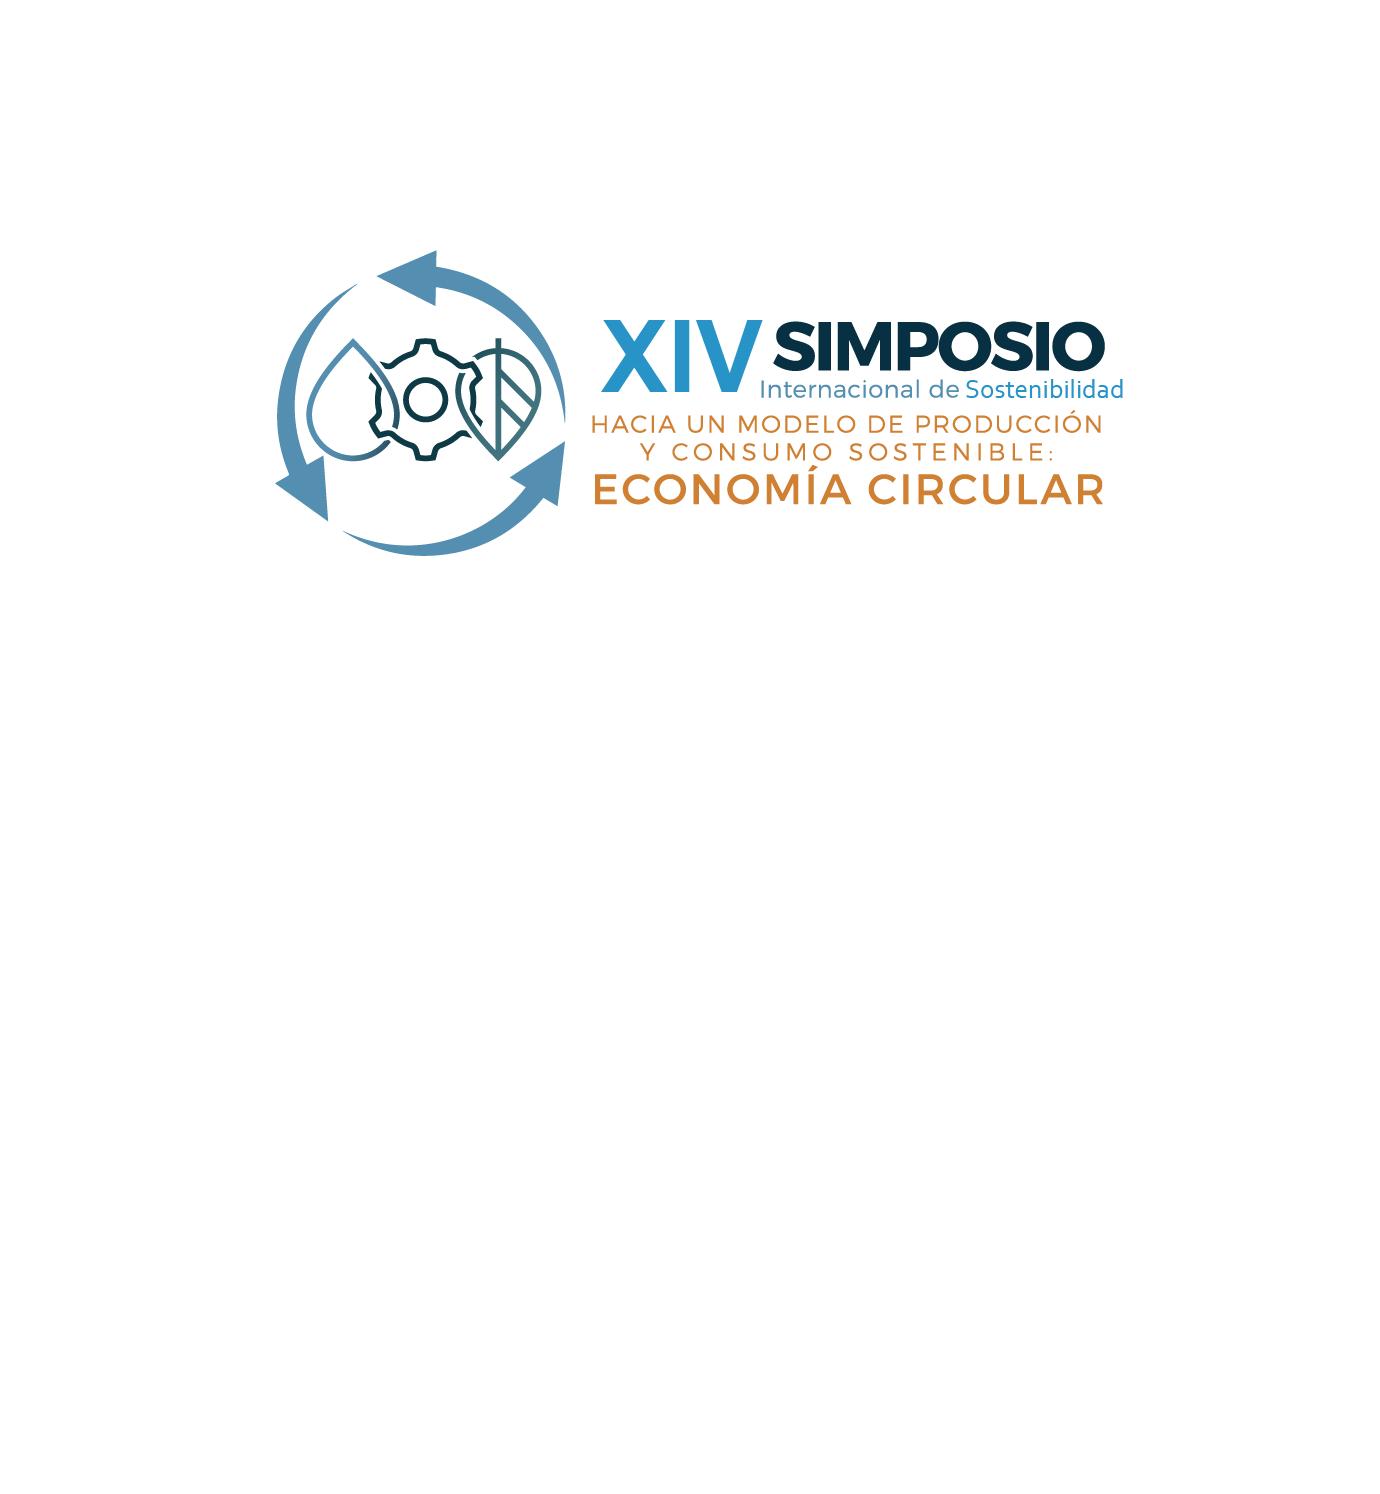 XIV Simposio Internacional de Sostenibilidad